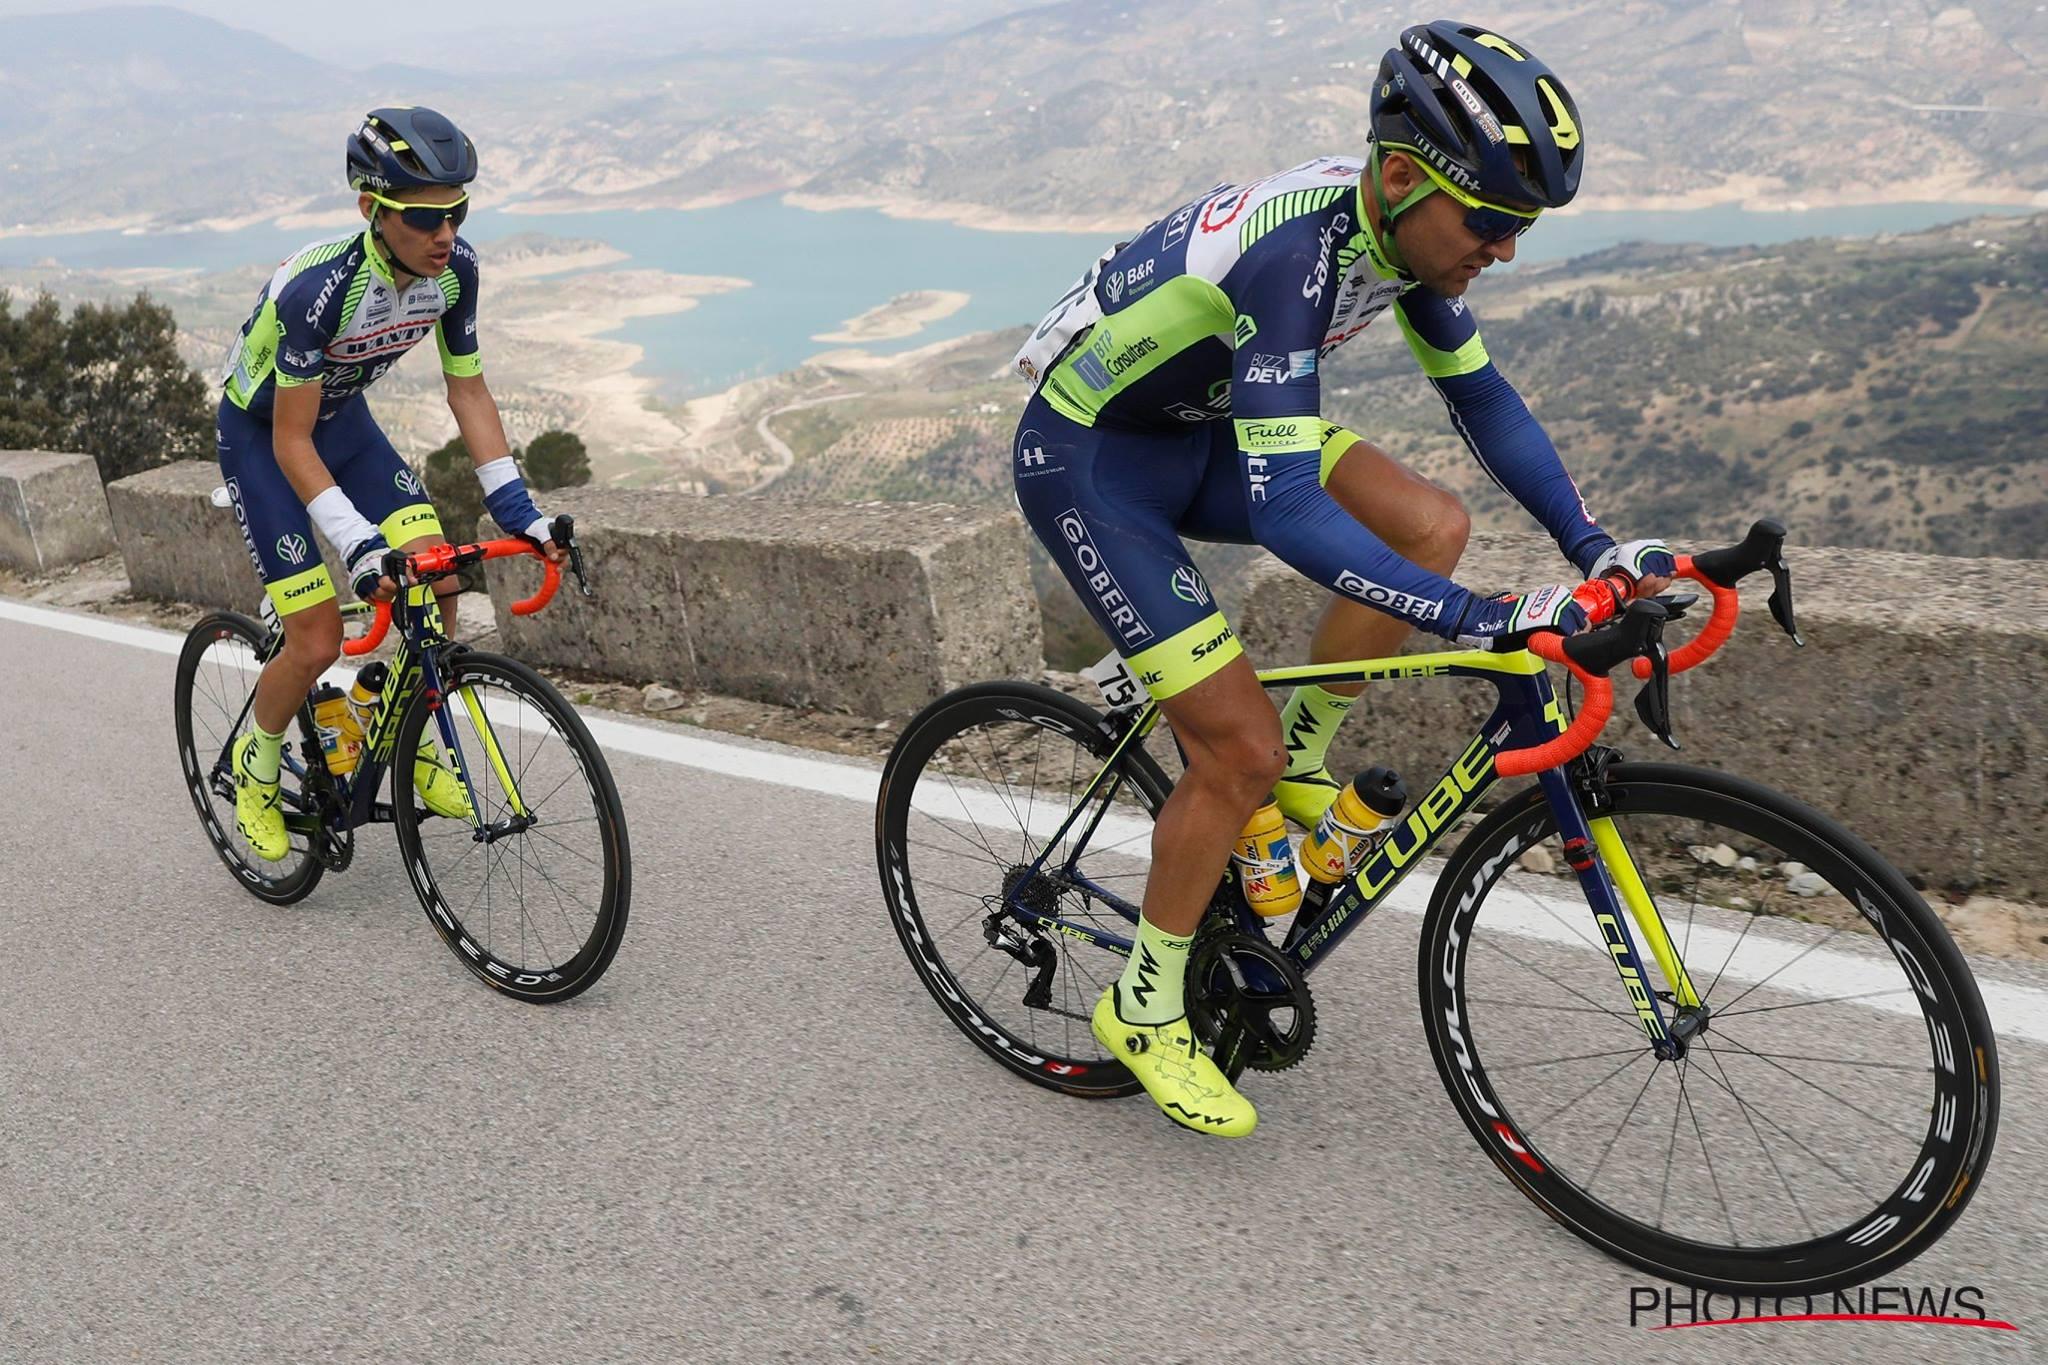 Marco Minnaard et Guillaume Martin en tête de la 3ème étape du Tour d'Andalousie. © Photo News